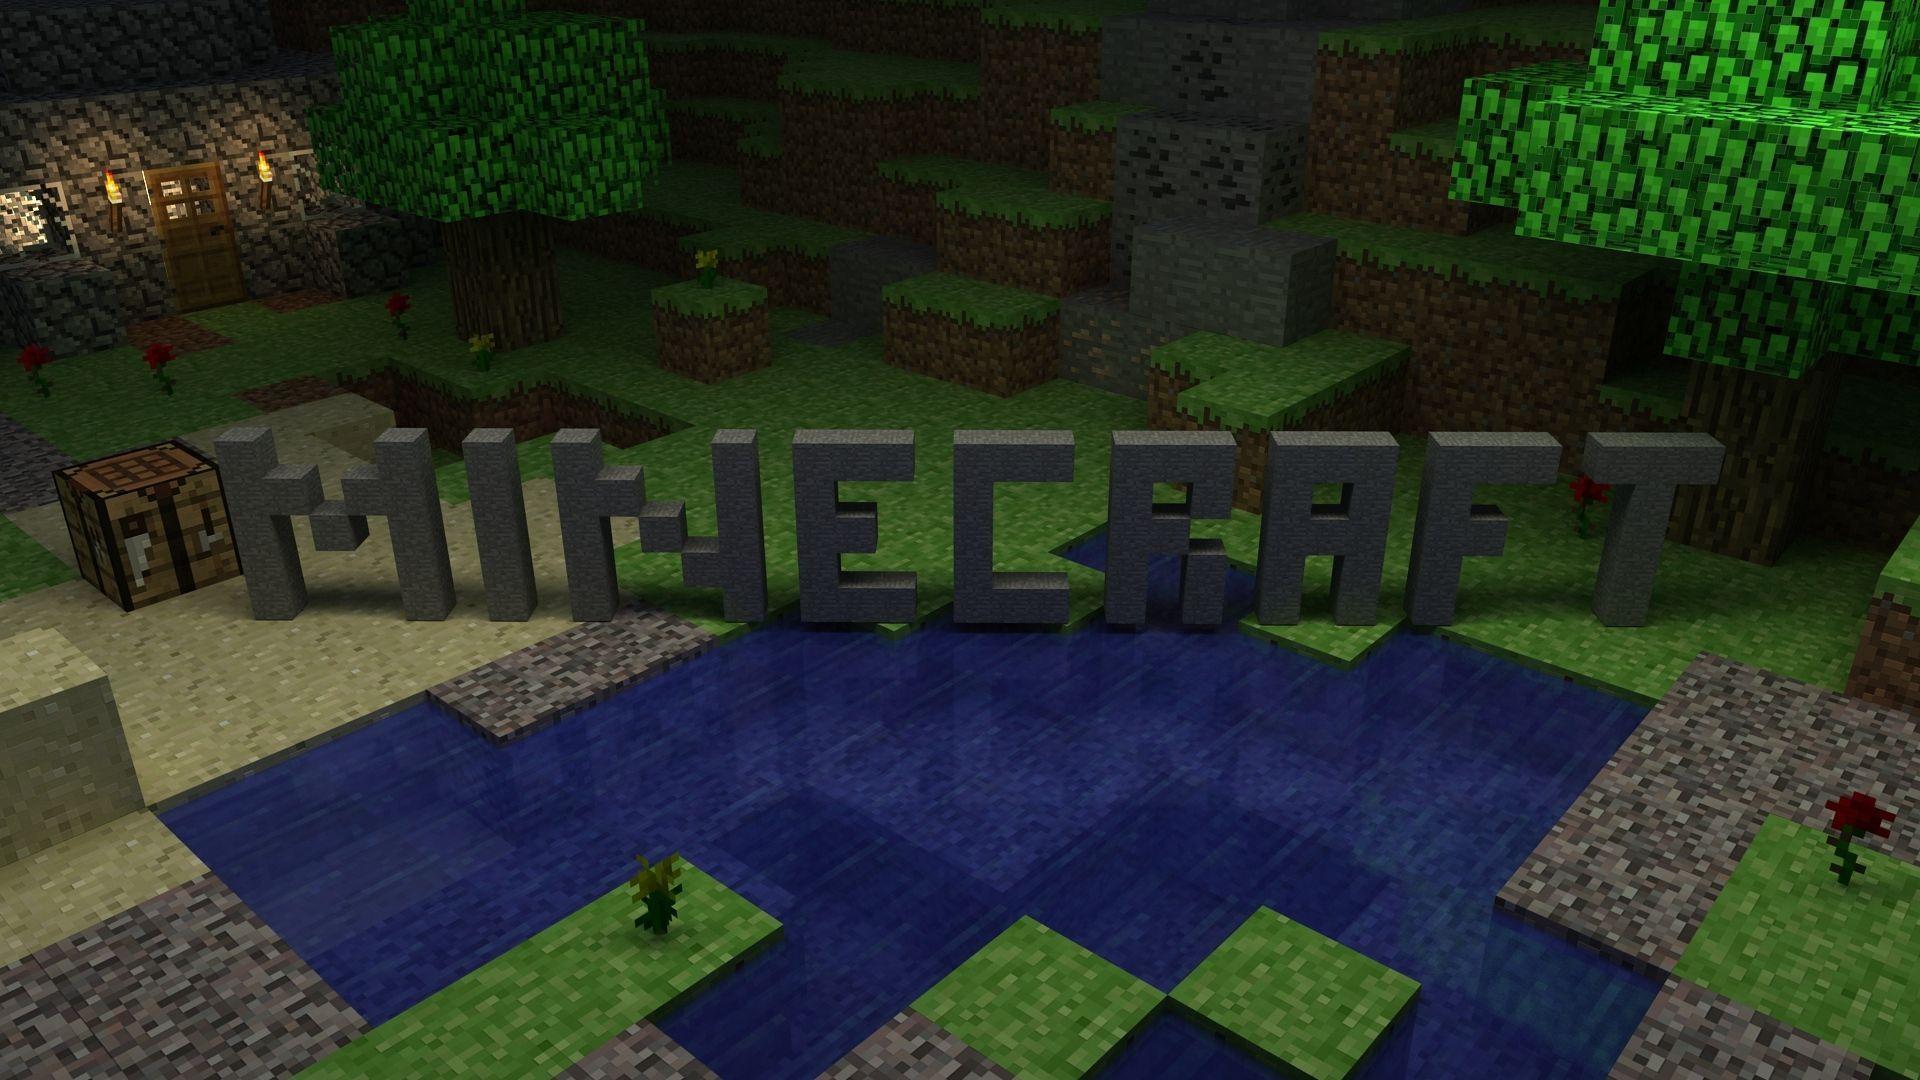 Amazing Wallpaper Minecraft Art - a98176f16a0c8500f0e4d7829f3b2bcb  You Should Have_227367.jpg